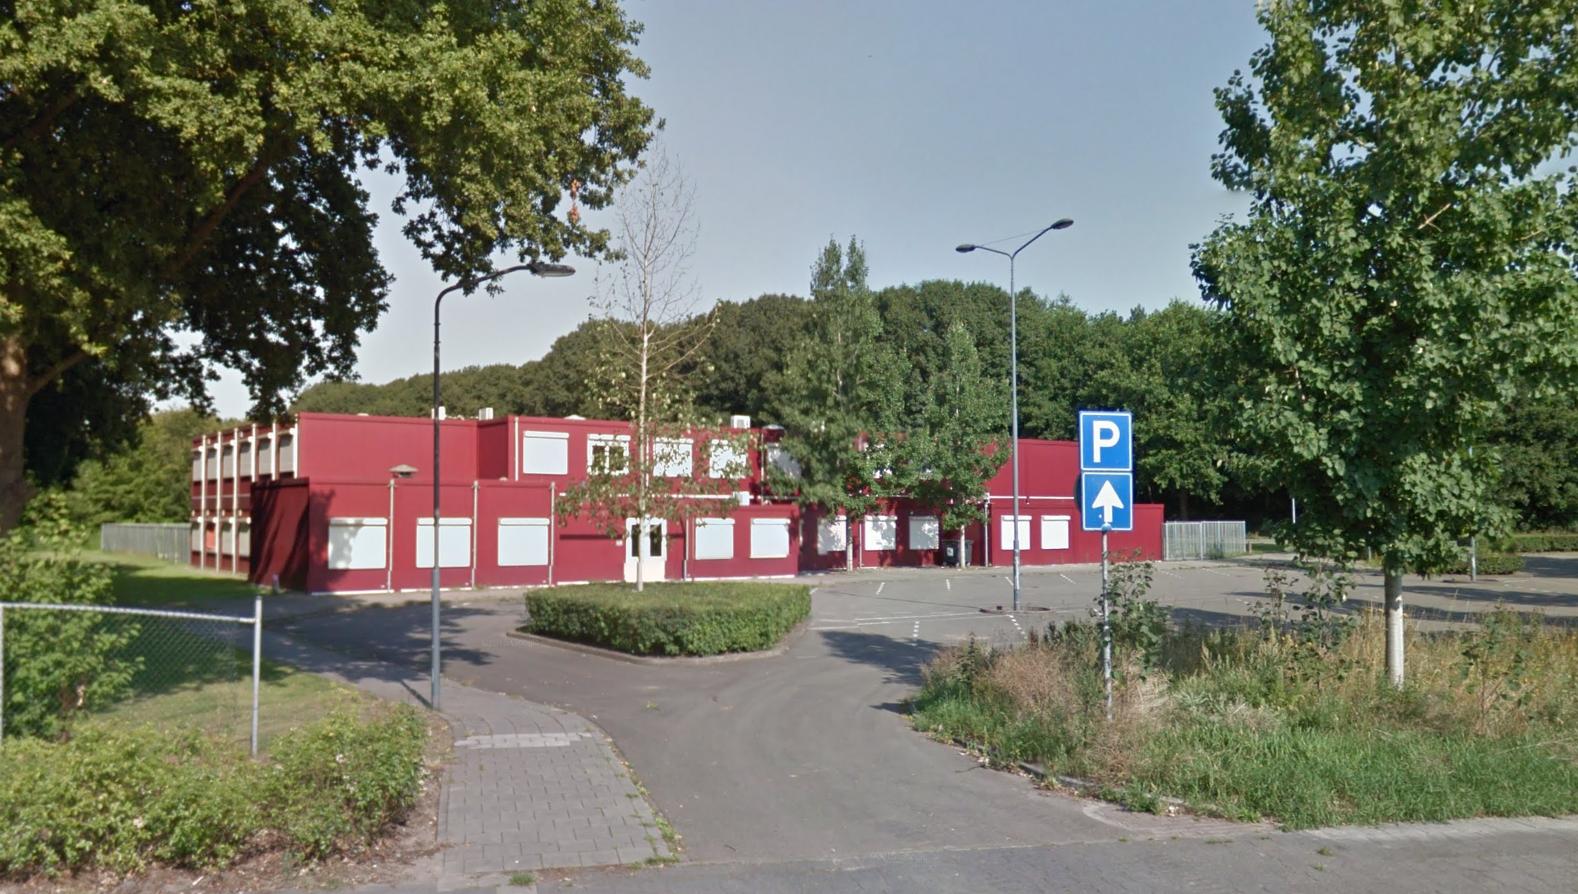 [NIEUWS] Gemeente Oosterhout gaat onderdak aan 70 jonge vluchtelingen bieden